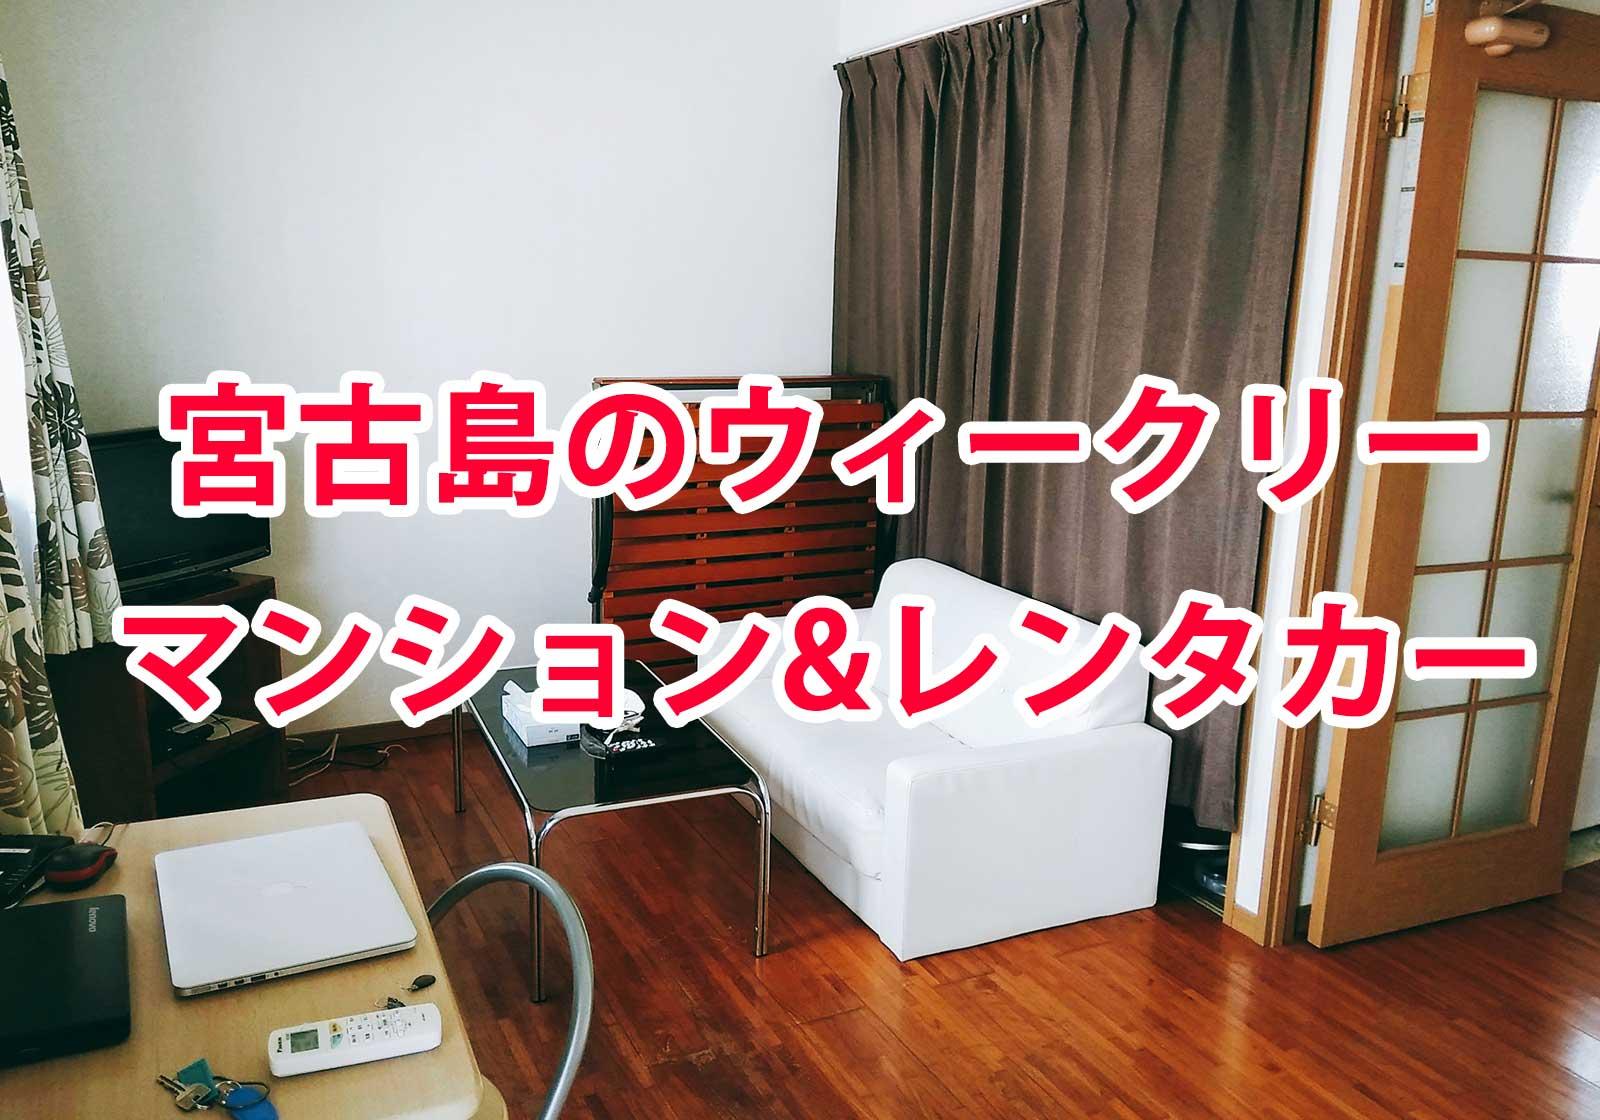 宮古島ひとり旅!ウィークリーマンション&レンタカー 1泊5,500円の紹介